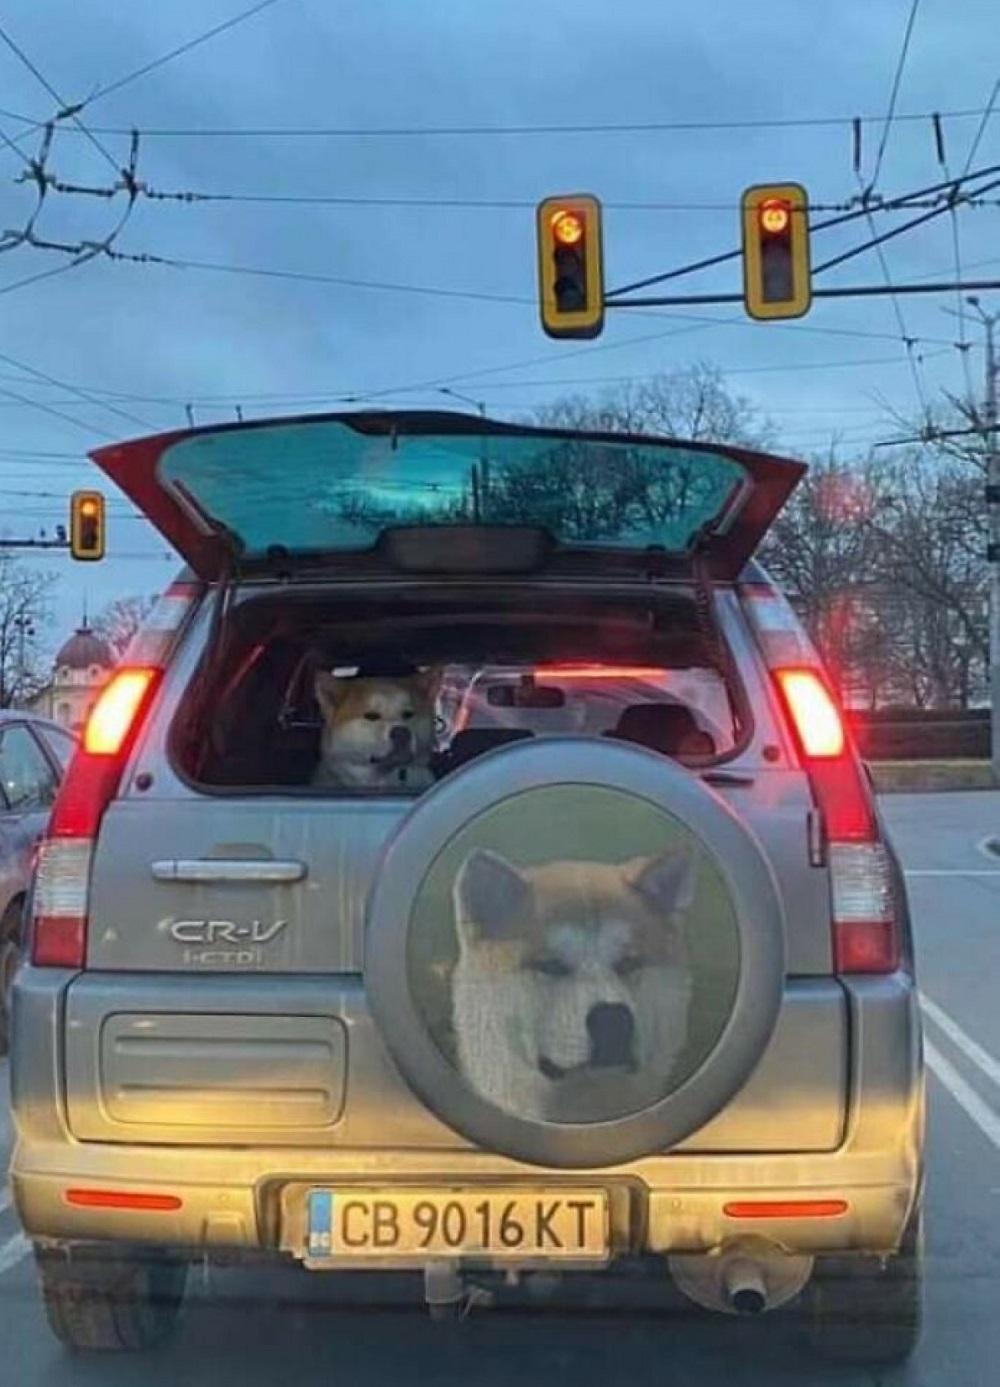 фото собаки на машине сзади